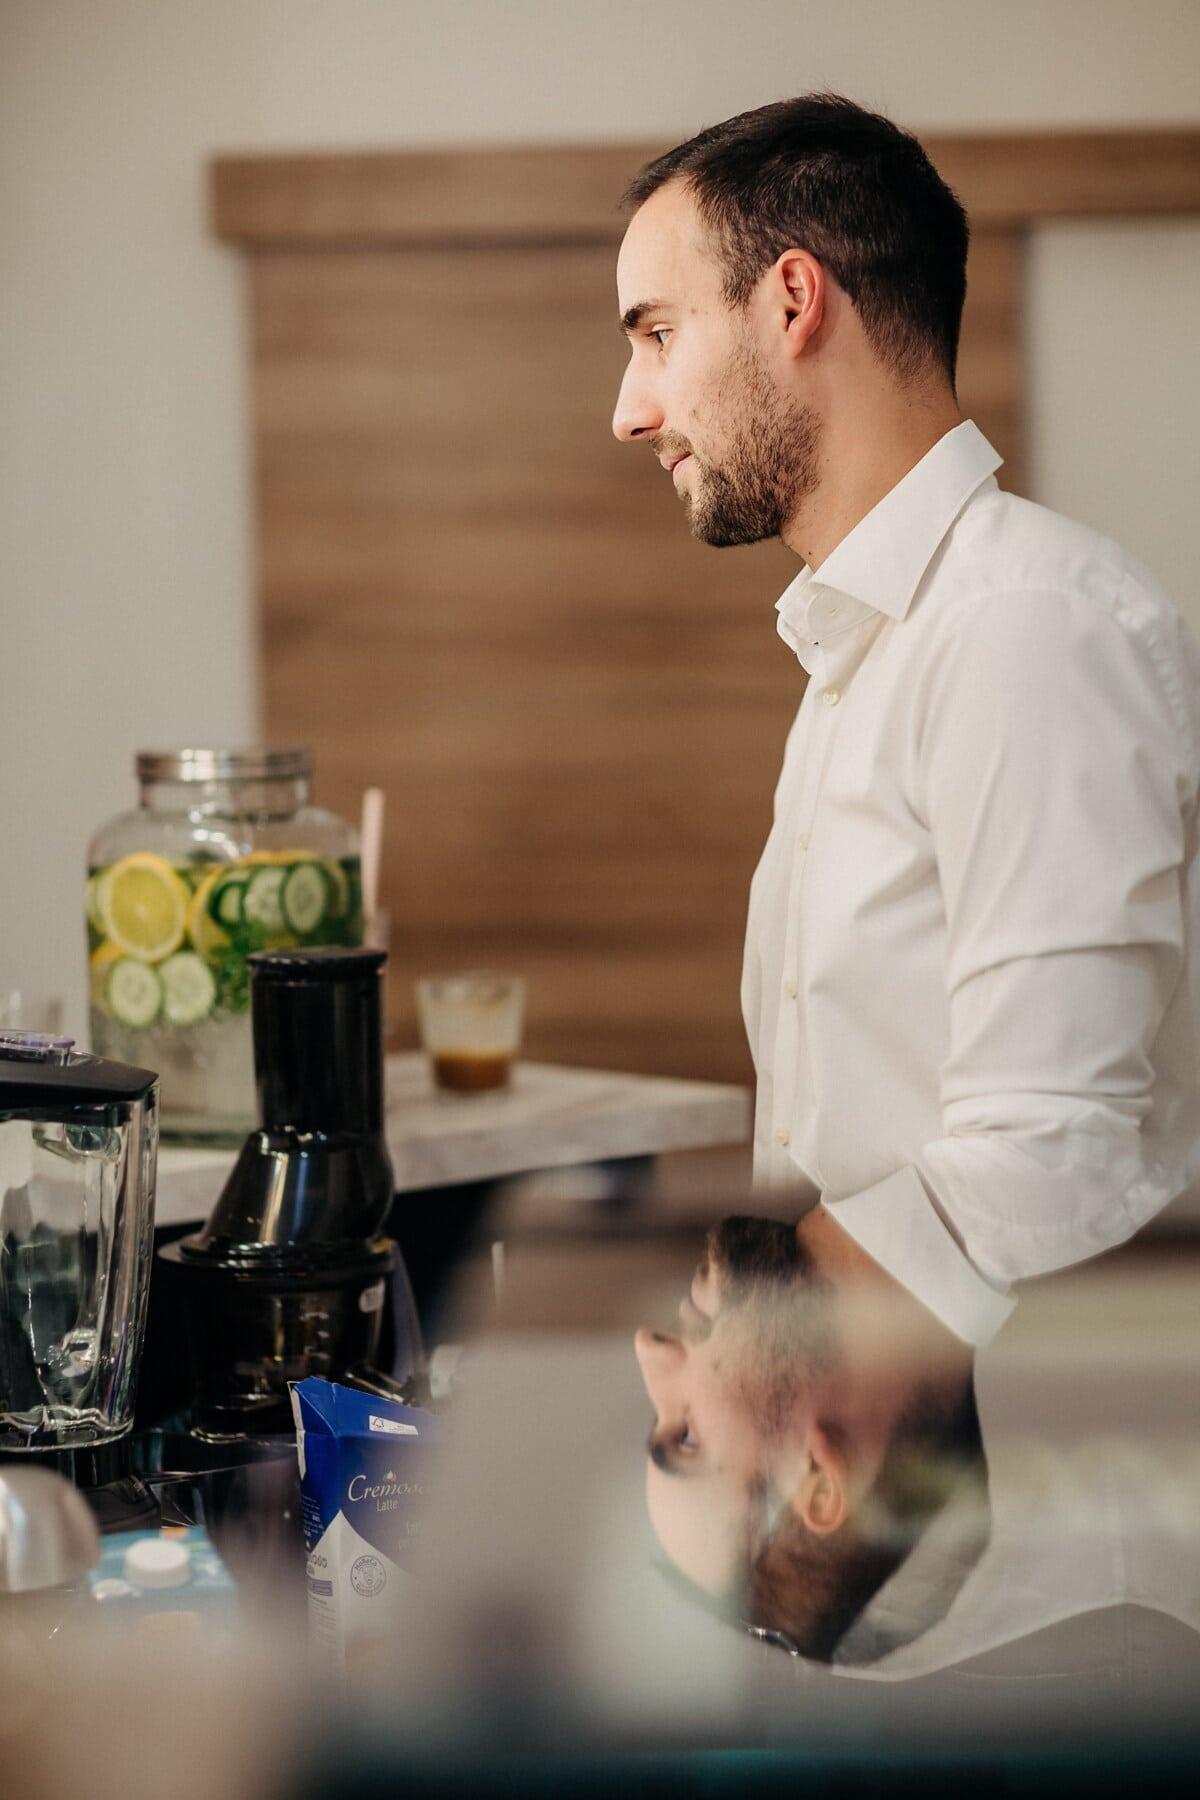 kafeteria, bartender, arbeideren, kjøpmannen, arbeidsplassen, mann, innendørs, kvinne, kaffe, matlaging